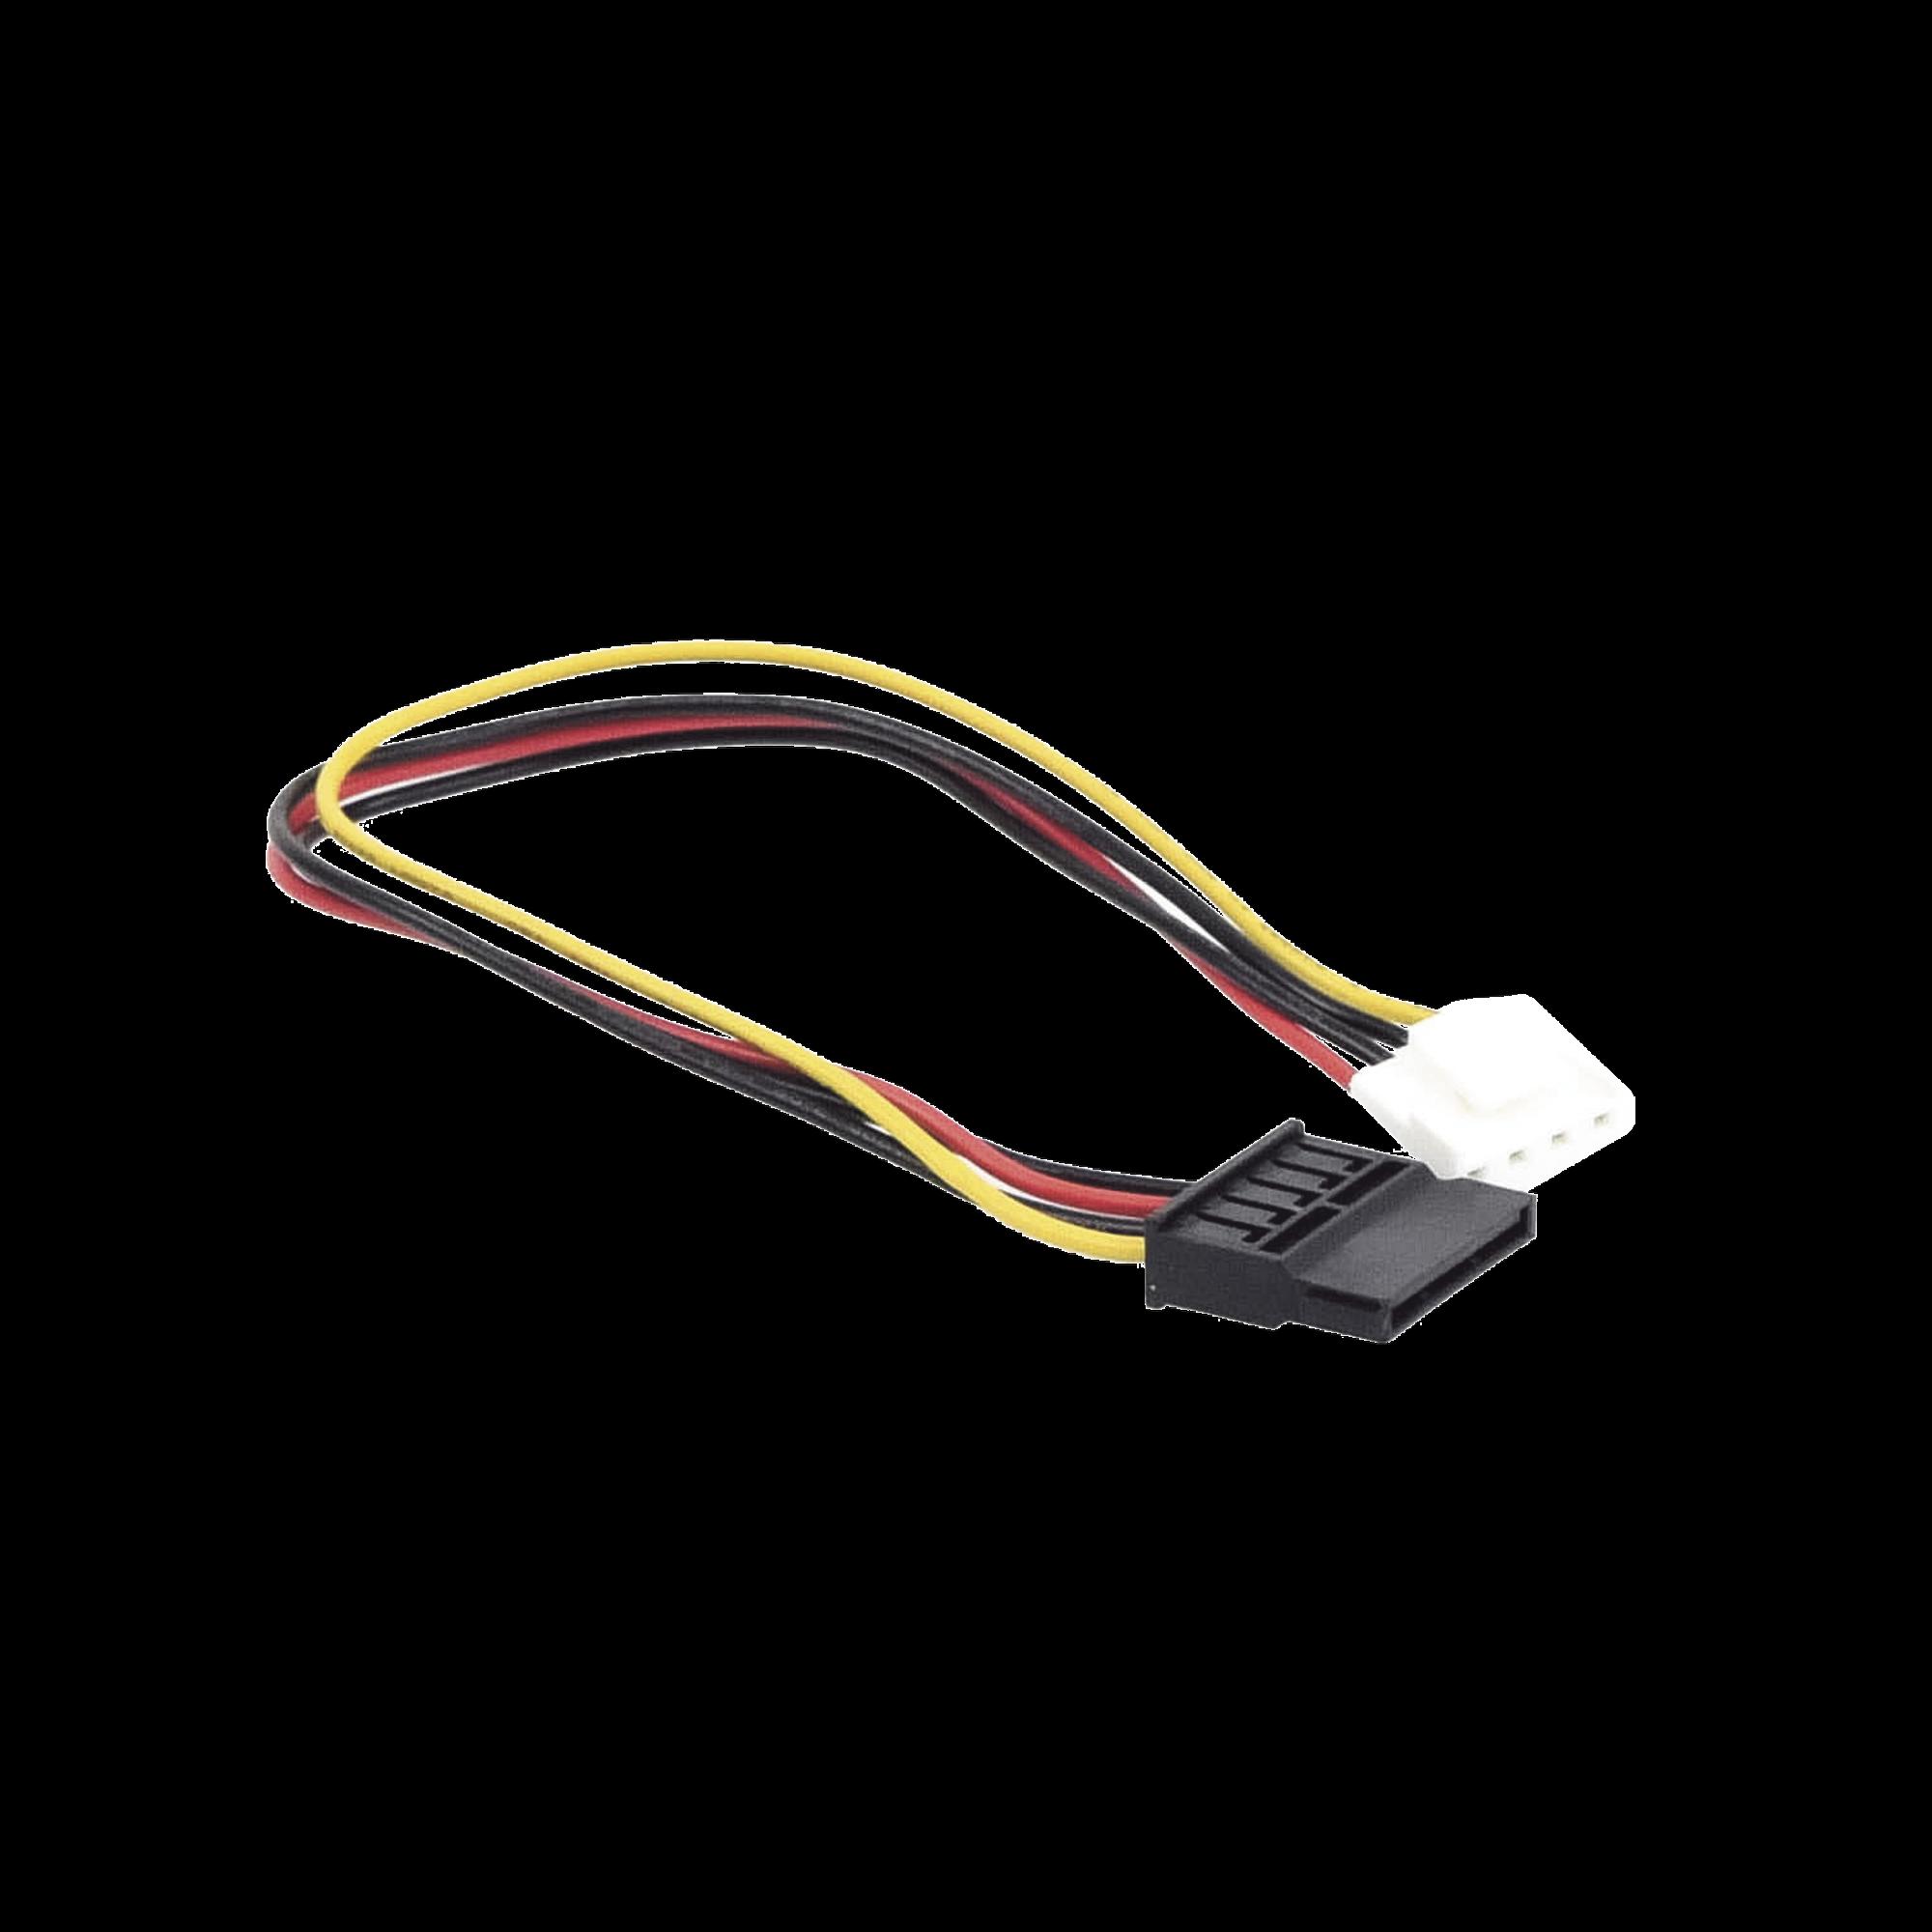 Cable de Corriente Simple SATA / HI 4 Sata  / F,0.4 m para DVR epcom y HIKVISION